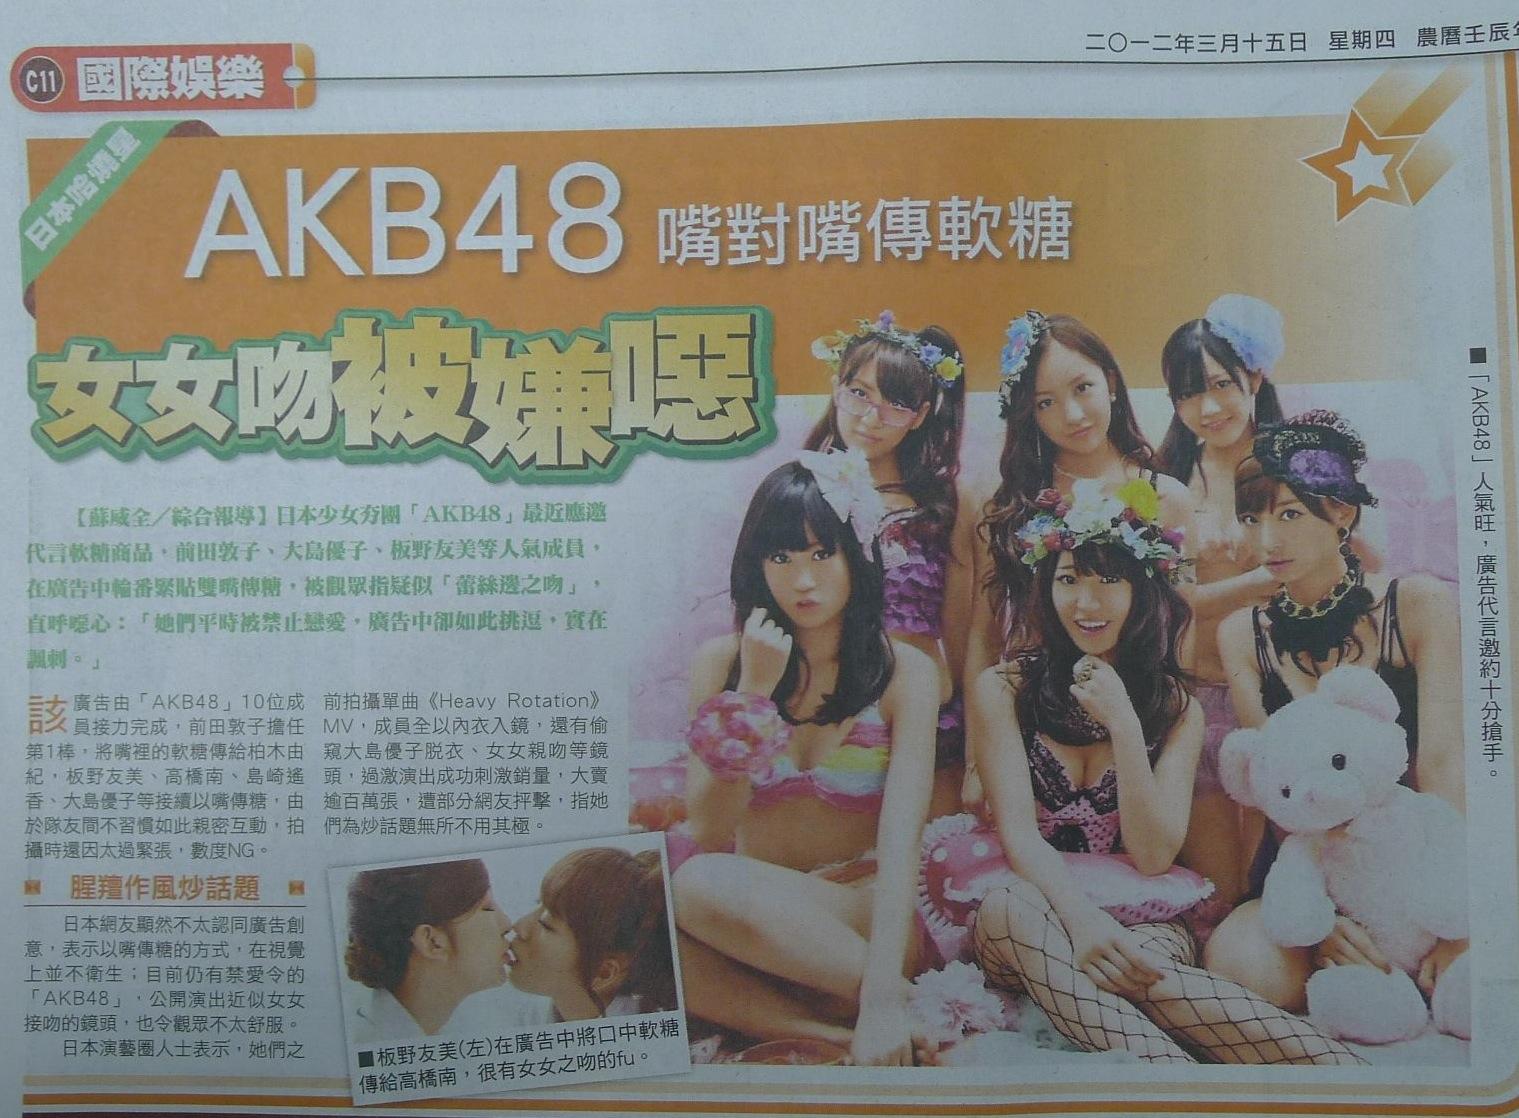 AKB48嘴對嘴傳軟糖 女女吻被嫌噁